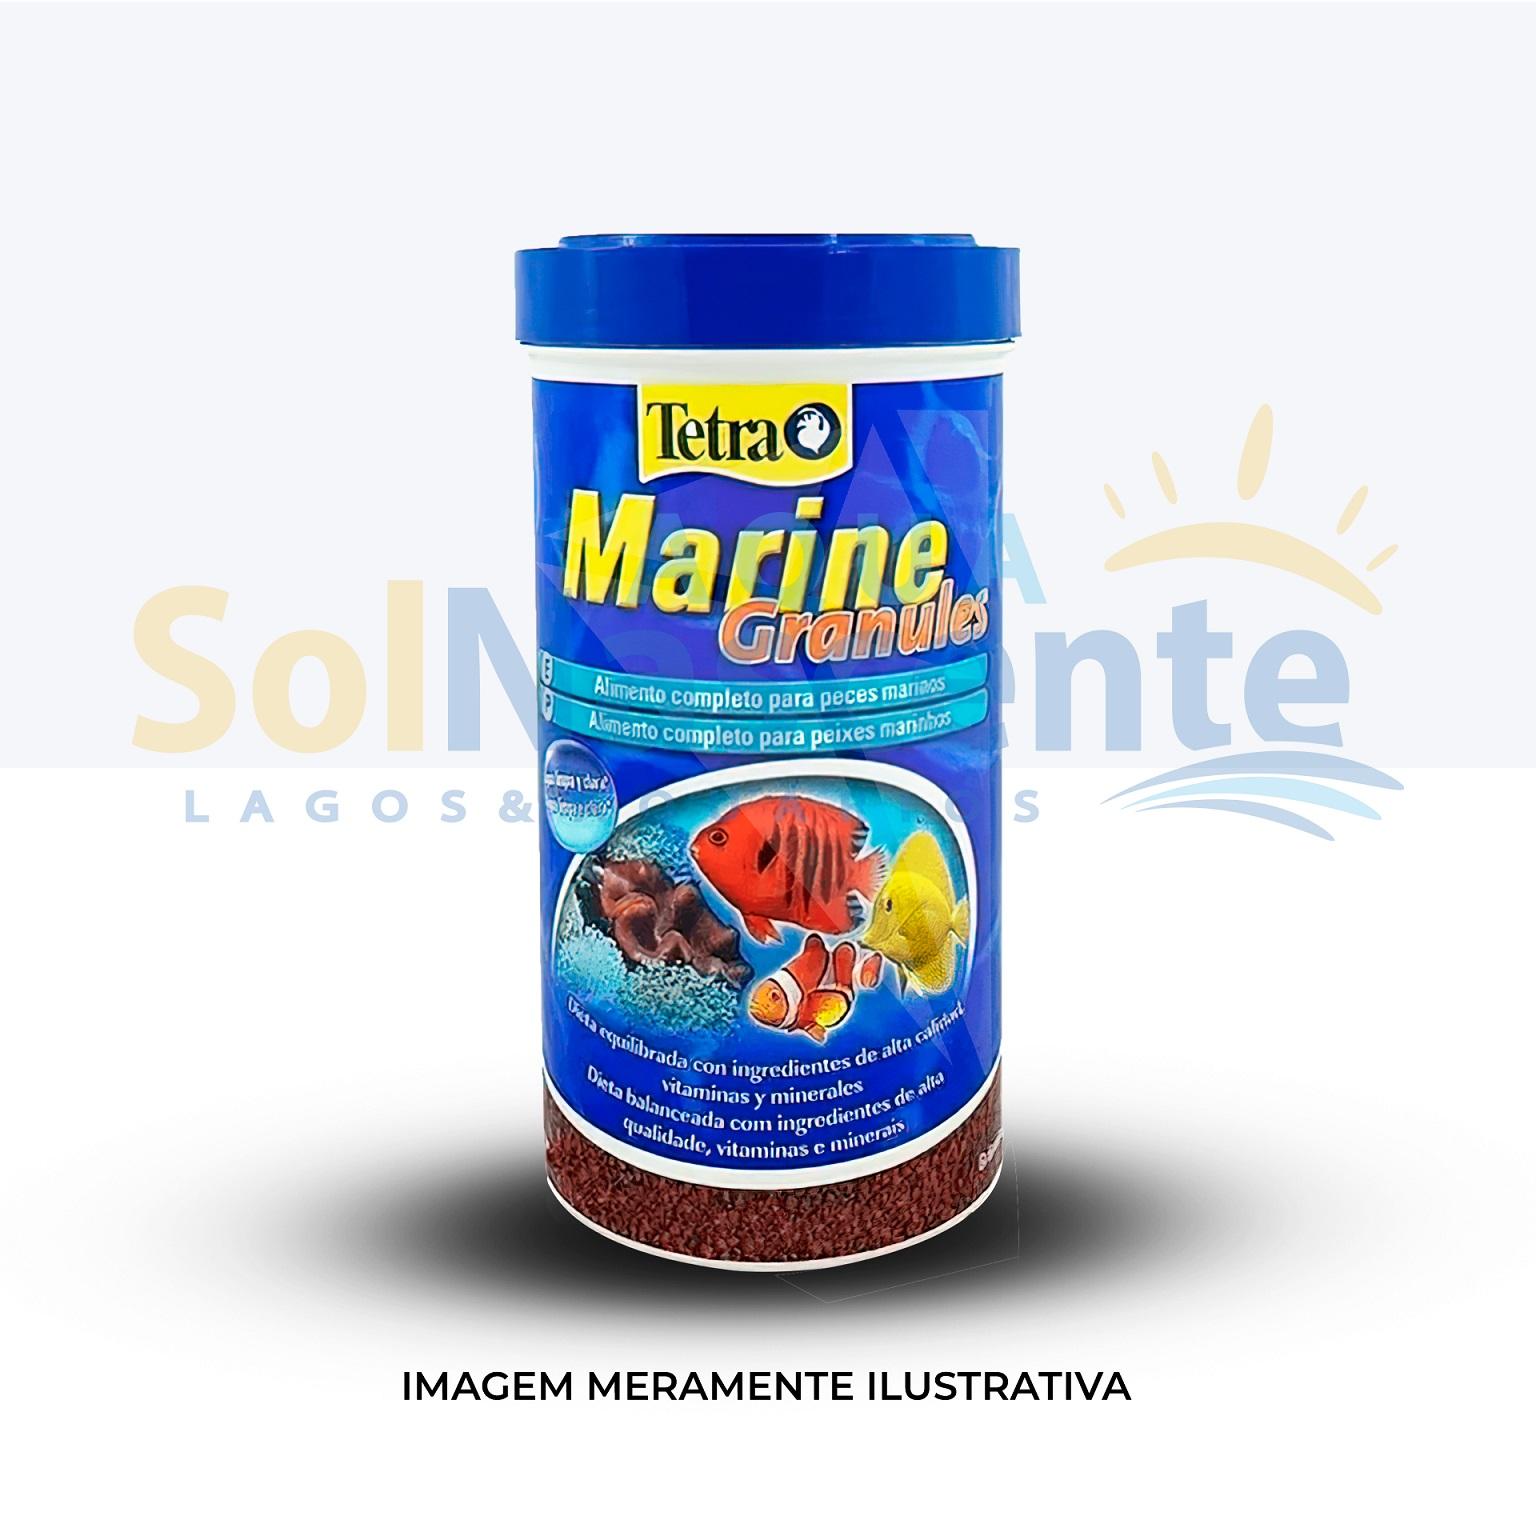 Tetra Marine Granules 48g